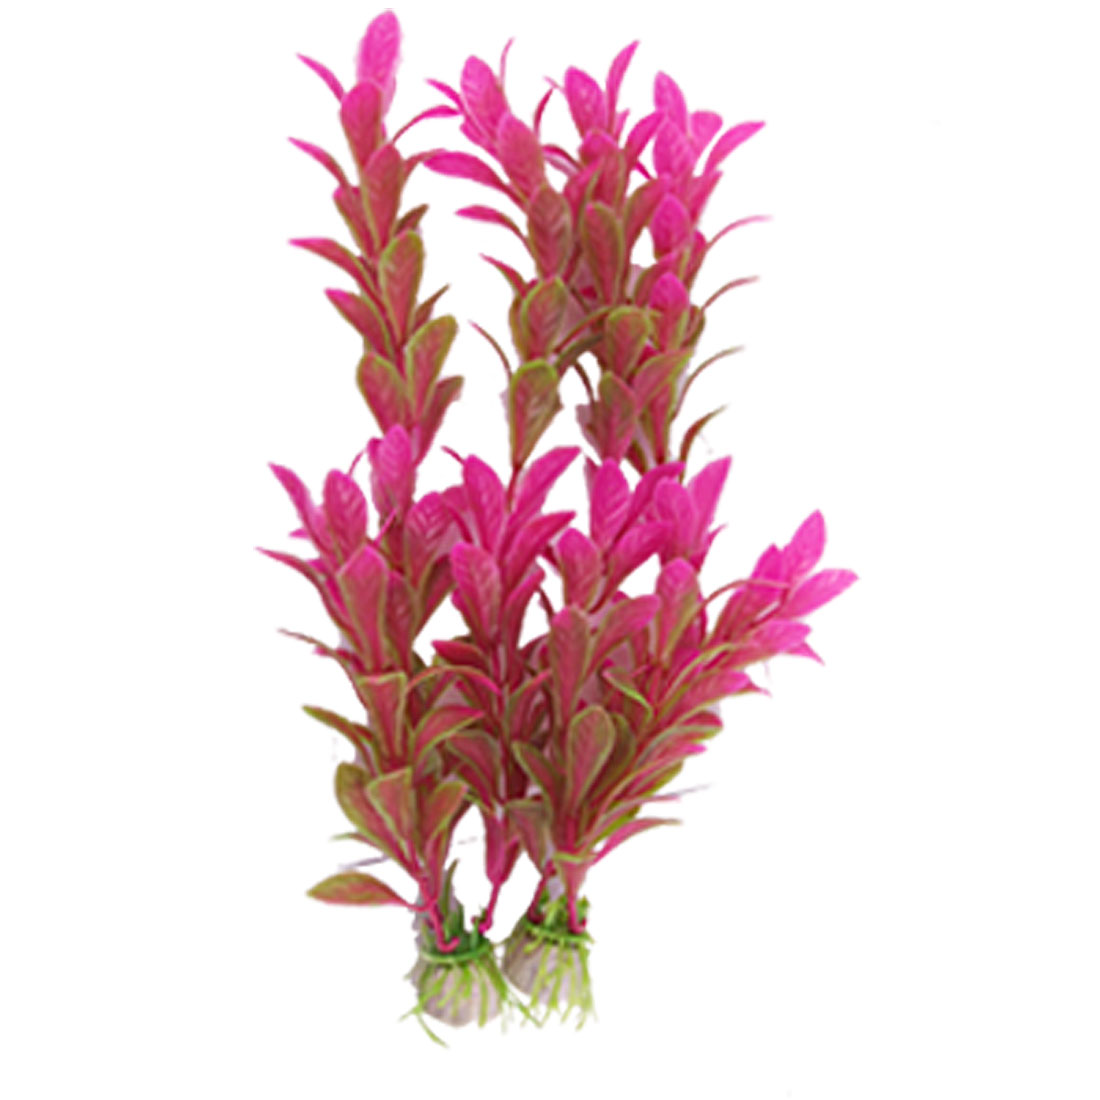 """Aquarium Ornament 9.4"""" High Fuchsia Green Plastic Plant Grass 2 Pcs"""